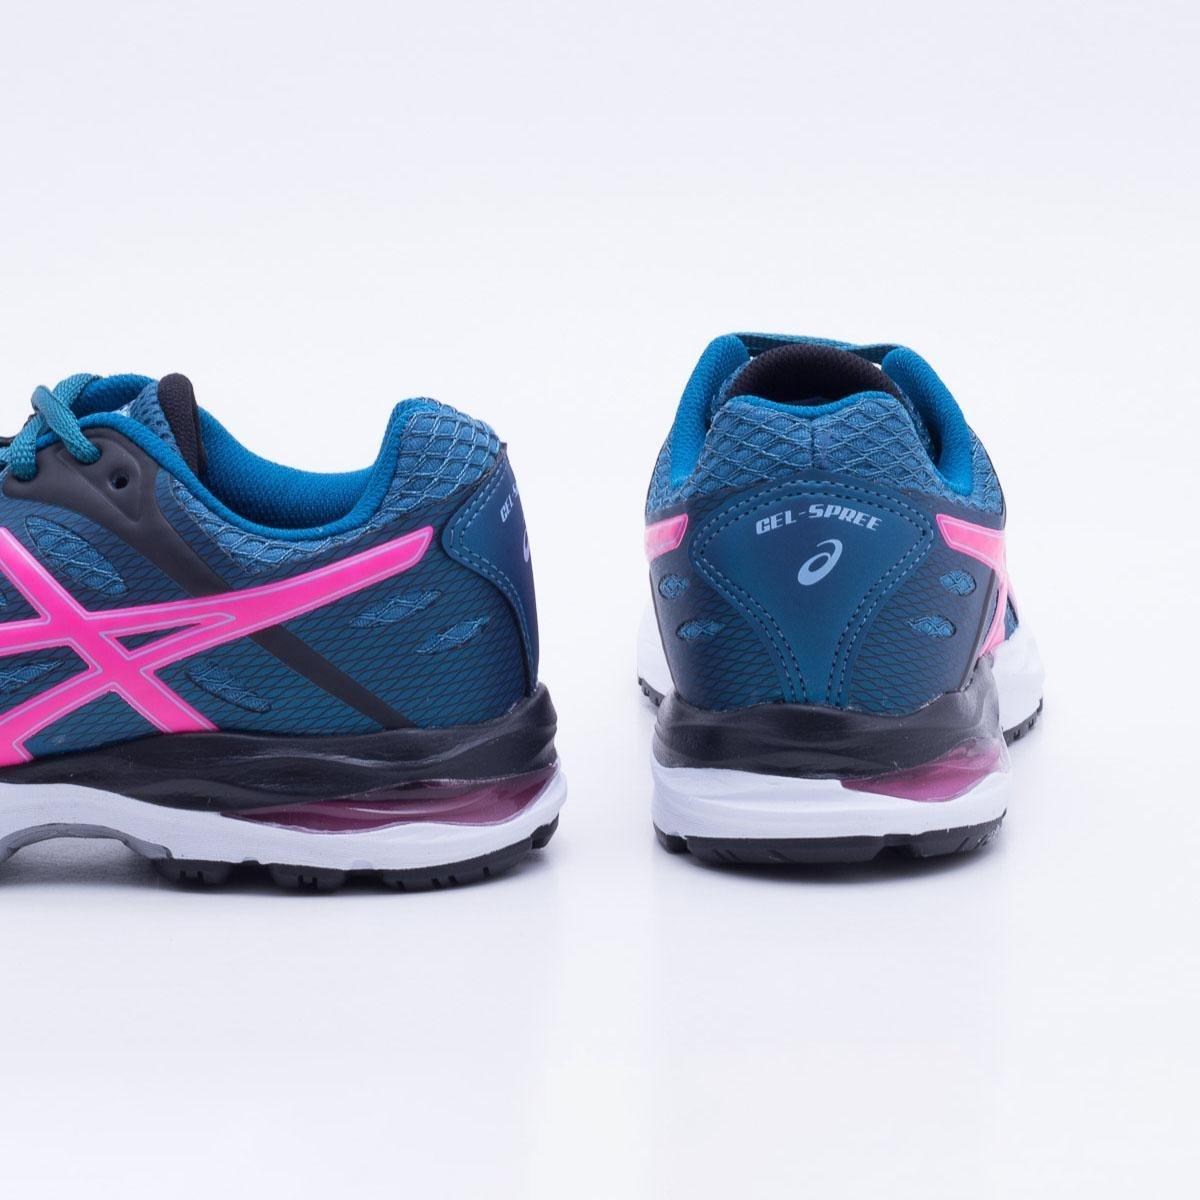 143f8806cf09a Tênis Asics Gel Spree Feminino - Azul e Rosa - Compre Agora